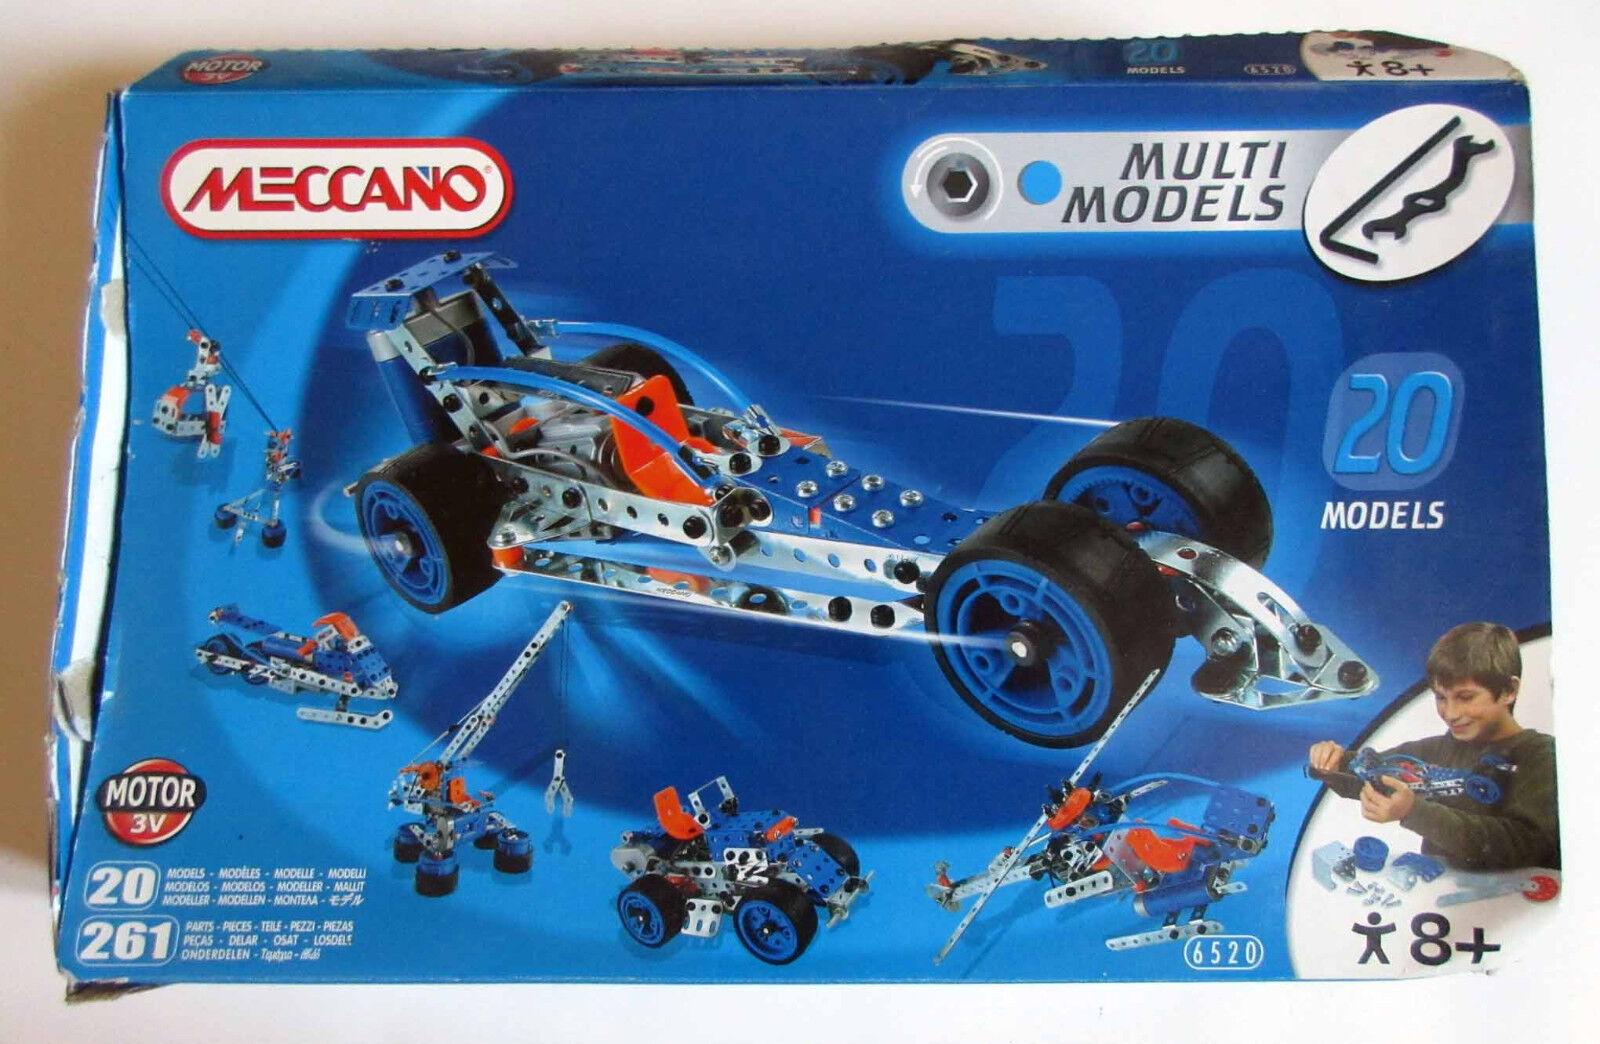 MECCANO - Multi Models 20 - Complet + Boite + Notice